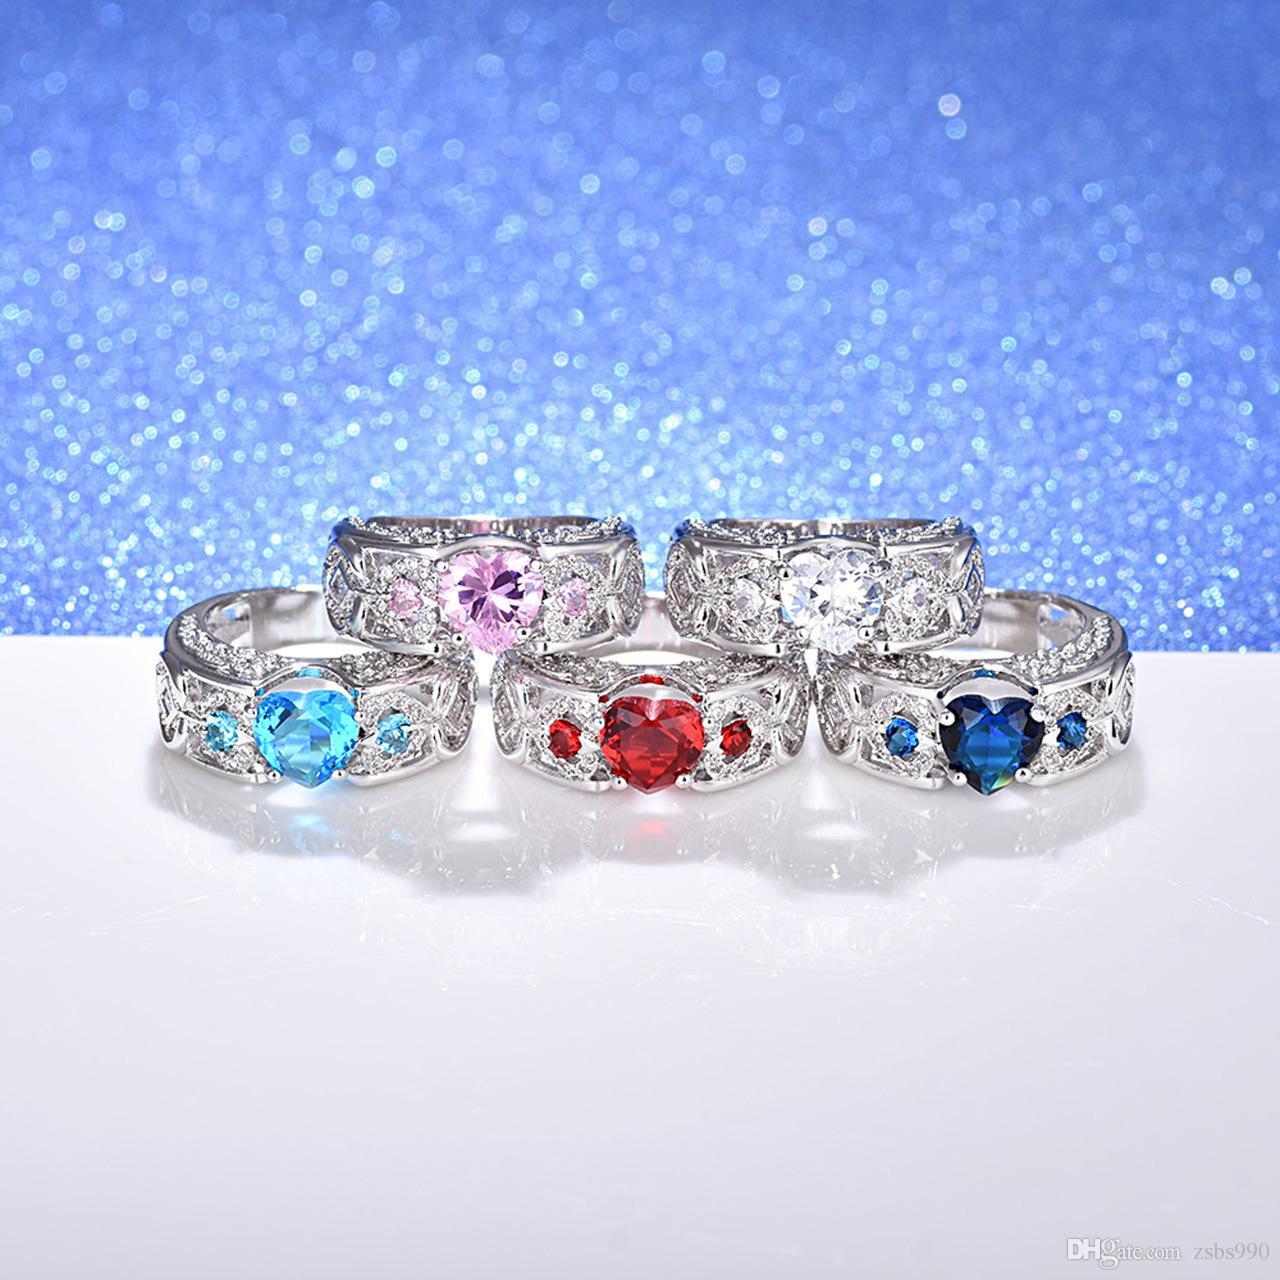 Toptan Beyaz Altın Kaplama Kalp Şekilli Zirkon Nişan / Düğün Parmak Yüzük Moda sevgililer Günü Hediye Takı Kadın Mix Renk Için